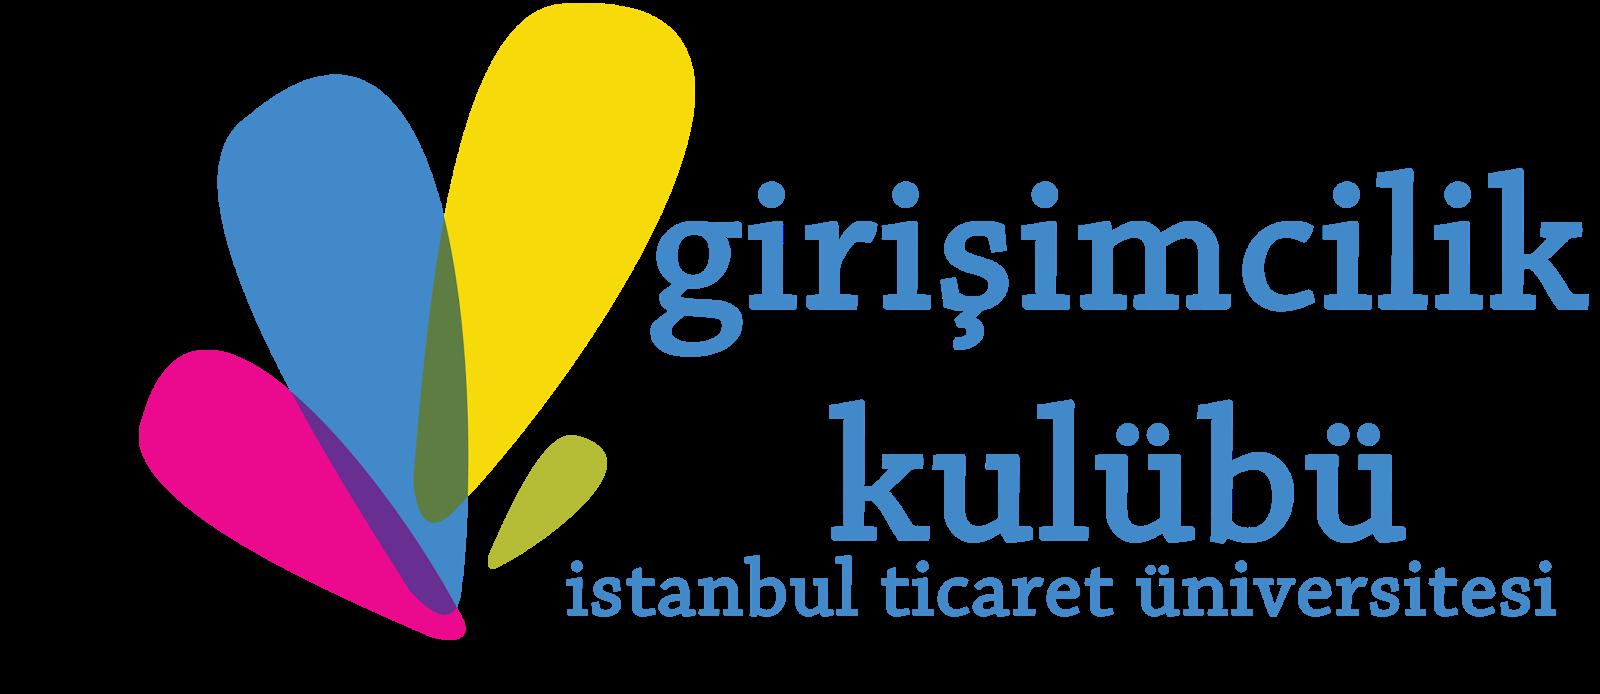 Girişimcilik Kulübü Logo İstanbul Ticaret Üniversitesi